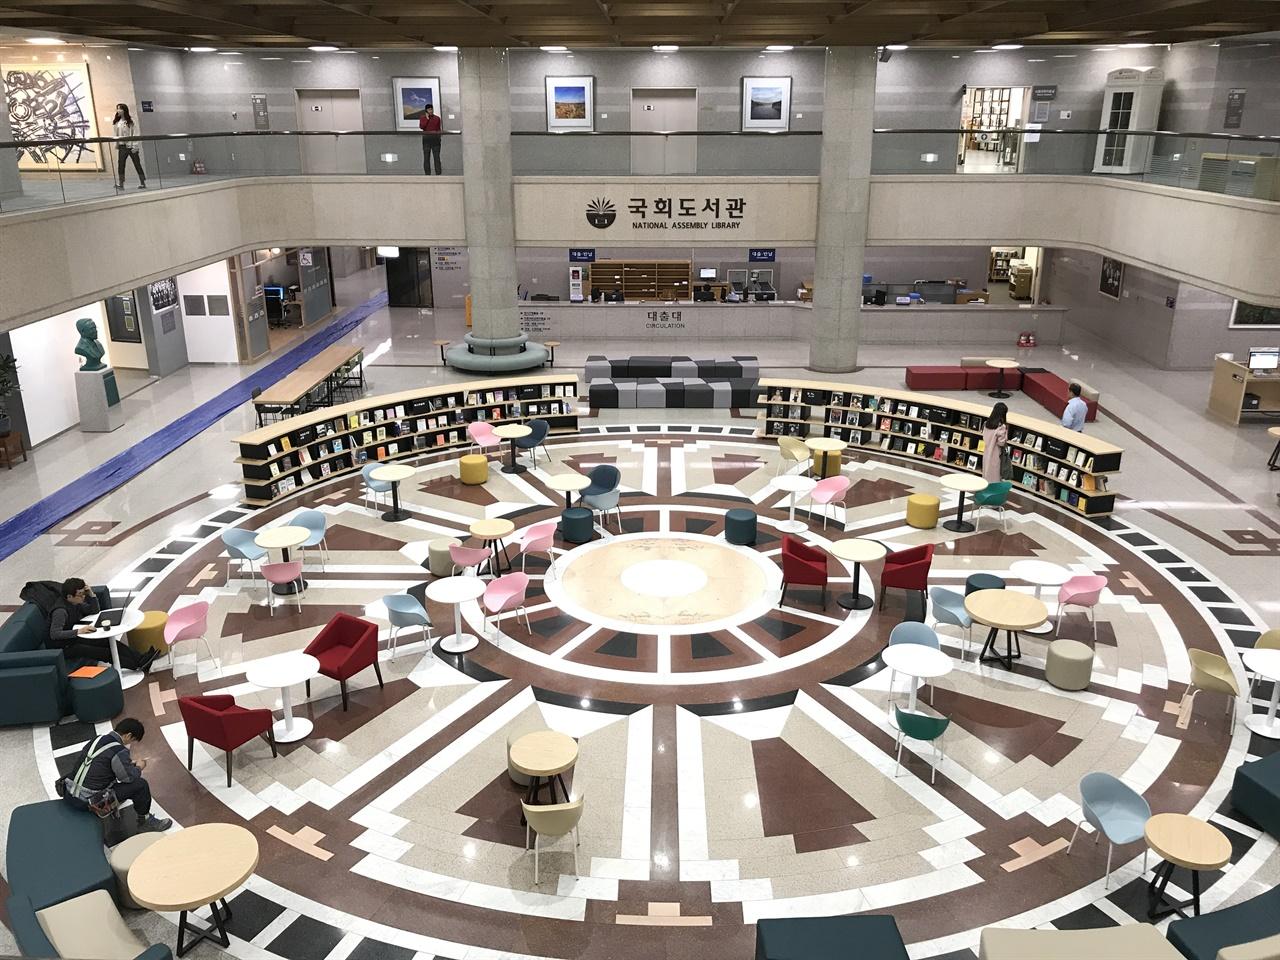 국회도서관 1층 중앙홀 1988년 2월 20일 개관한 국회도서관은 지상에는 열람시설과 사무실을, 지하에는 강당과 회의실, 식당을 갖추고 있다. 도서관 주변에 야외 서가인 '숲속도서관'이 있다.